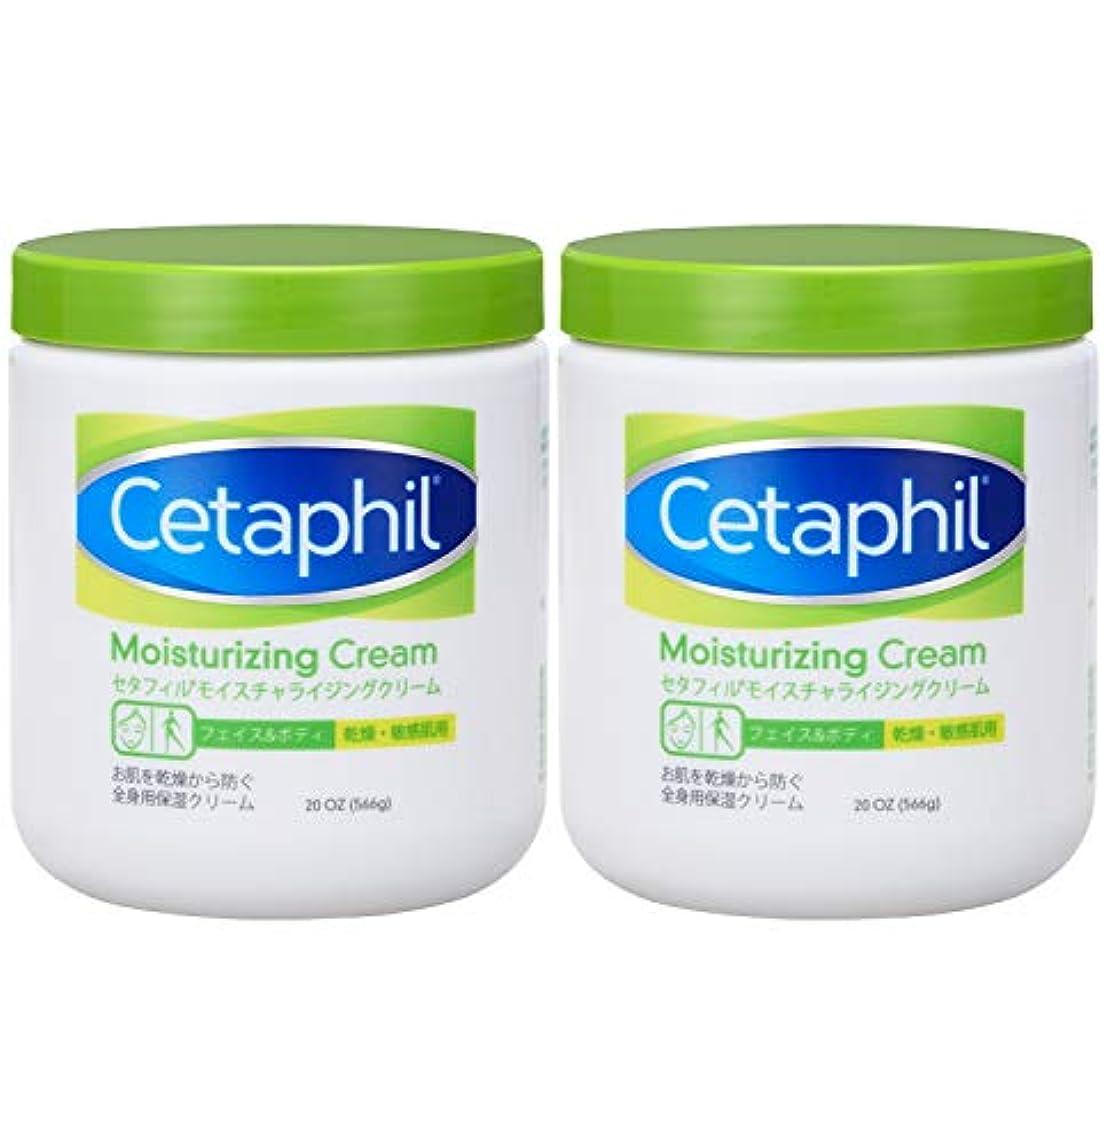 失望させるなぞらえる分類セタフィル Cetaphil ® モイスチャライジングクリーム 566ml 2本組 ( フェイス & ボディ 保湿クリーム クリーム )